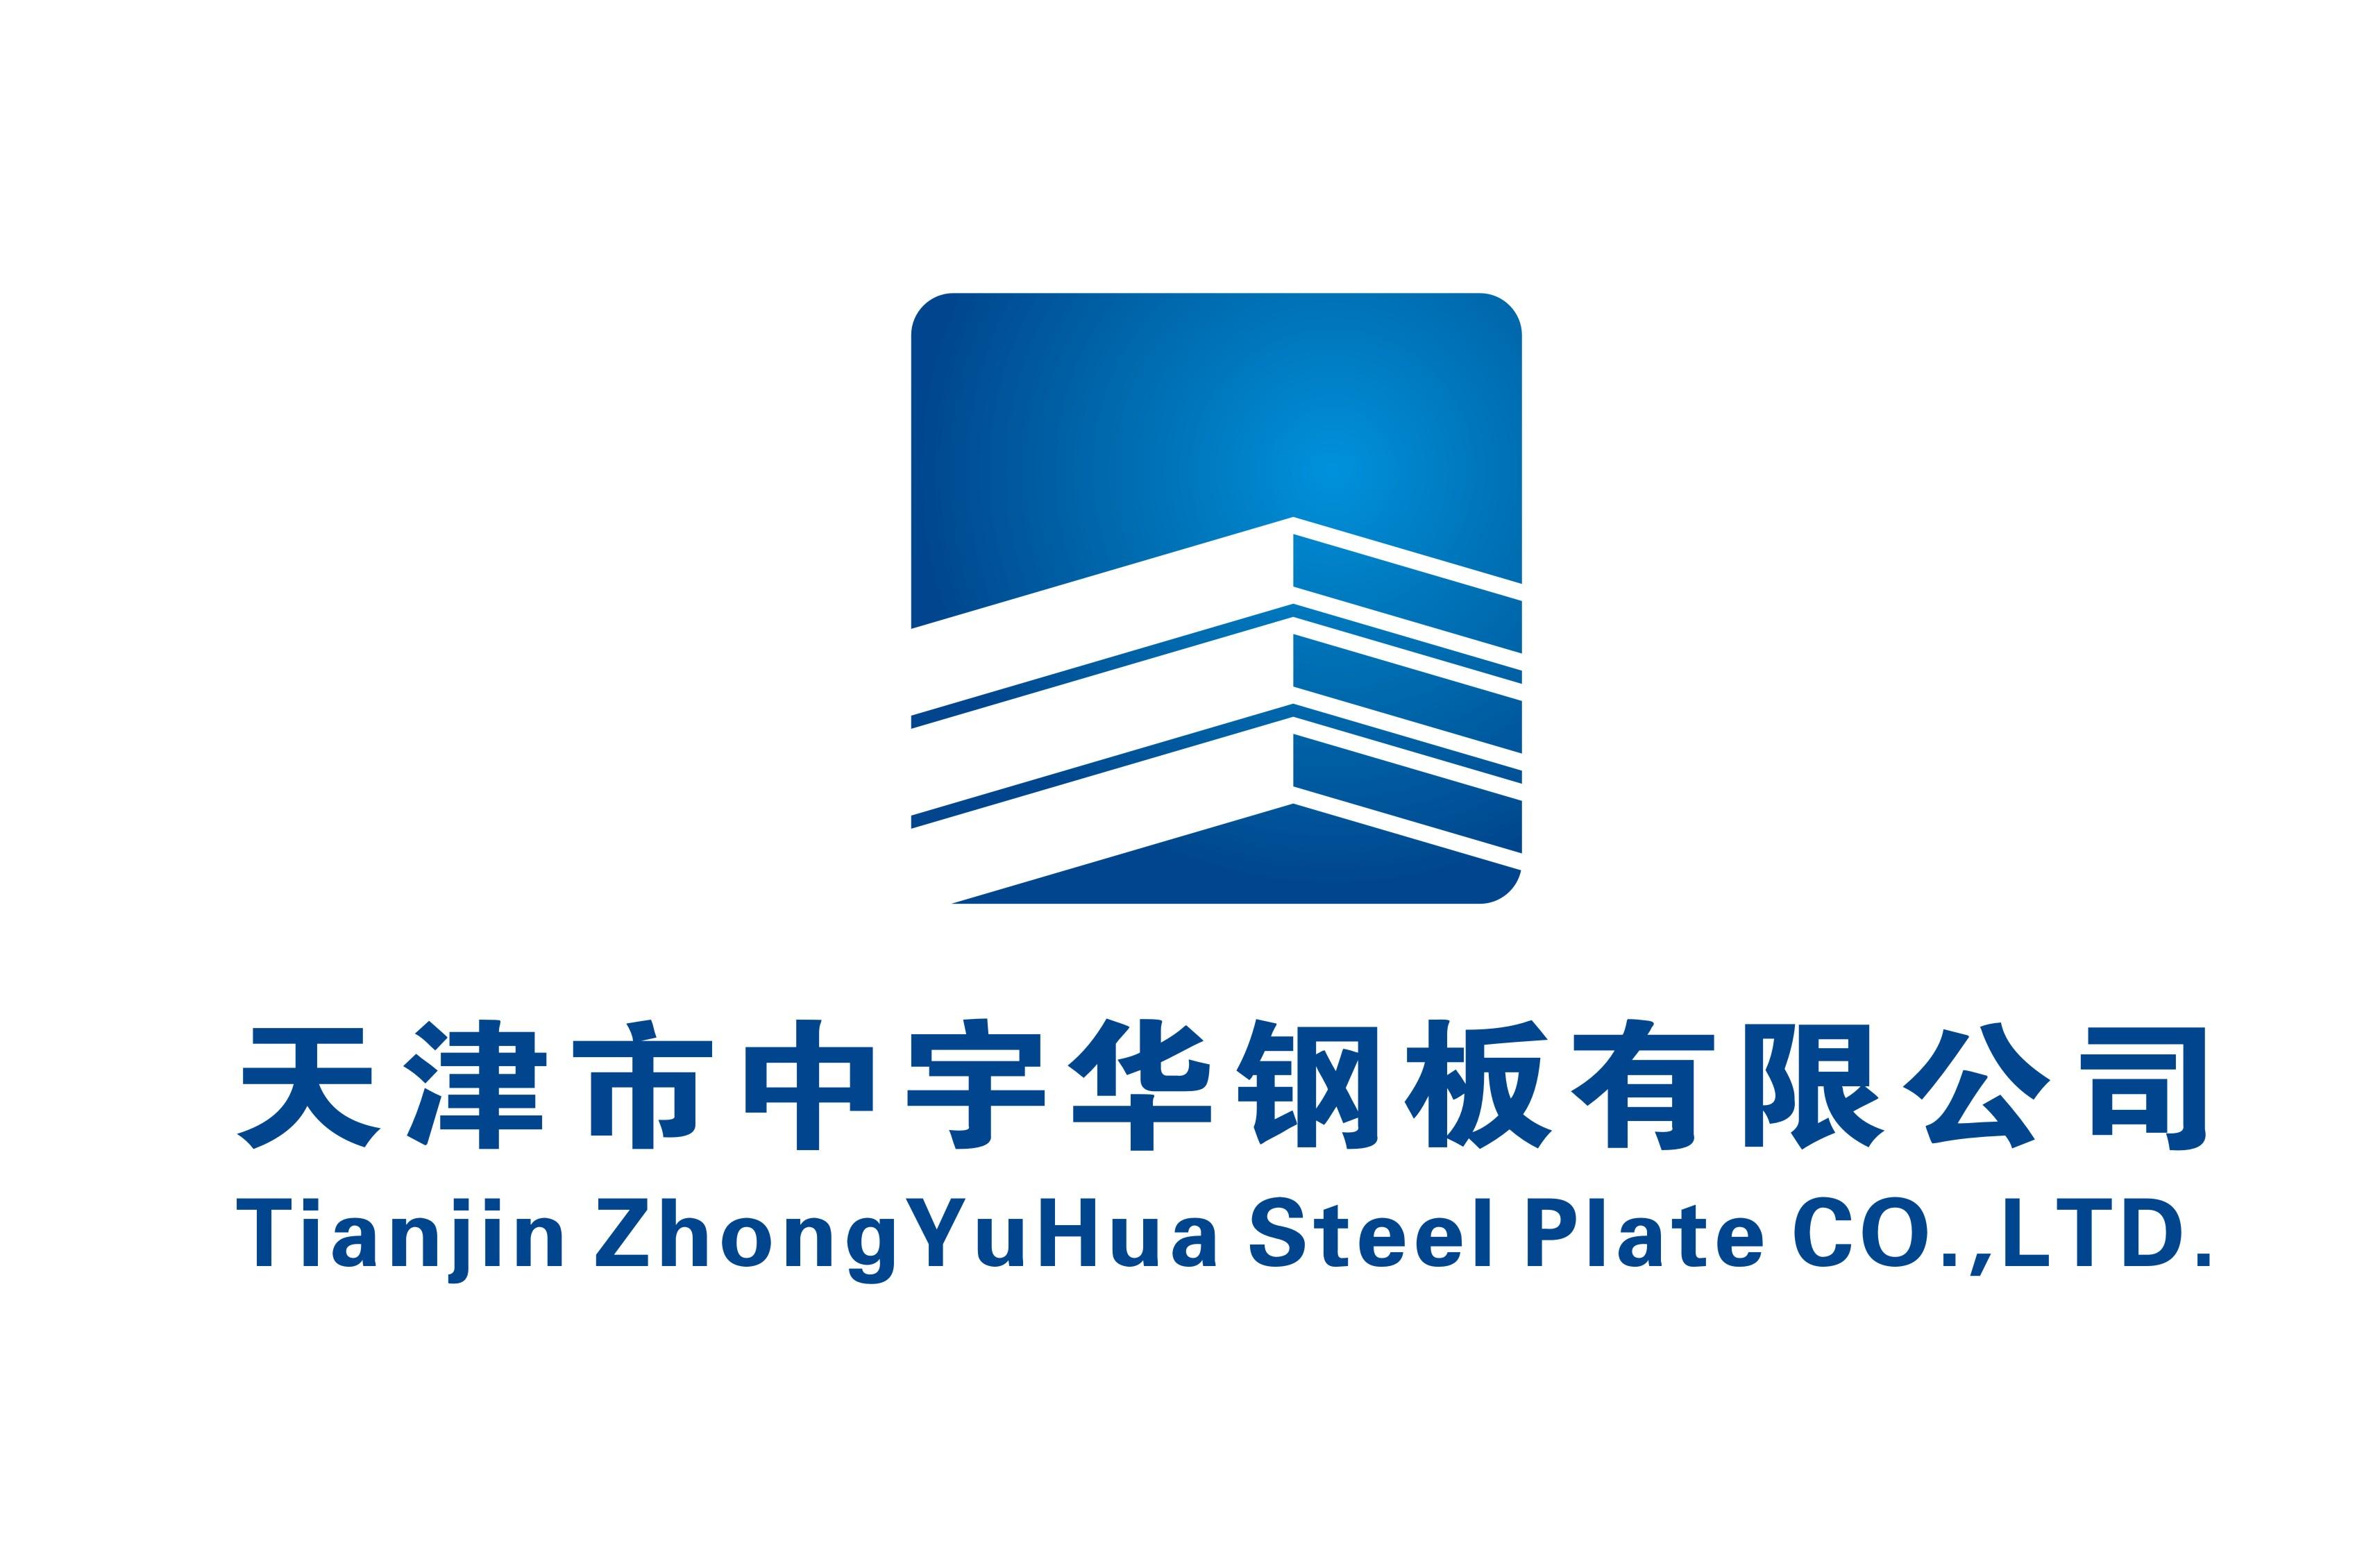 天津市中宇华钢板有限公司